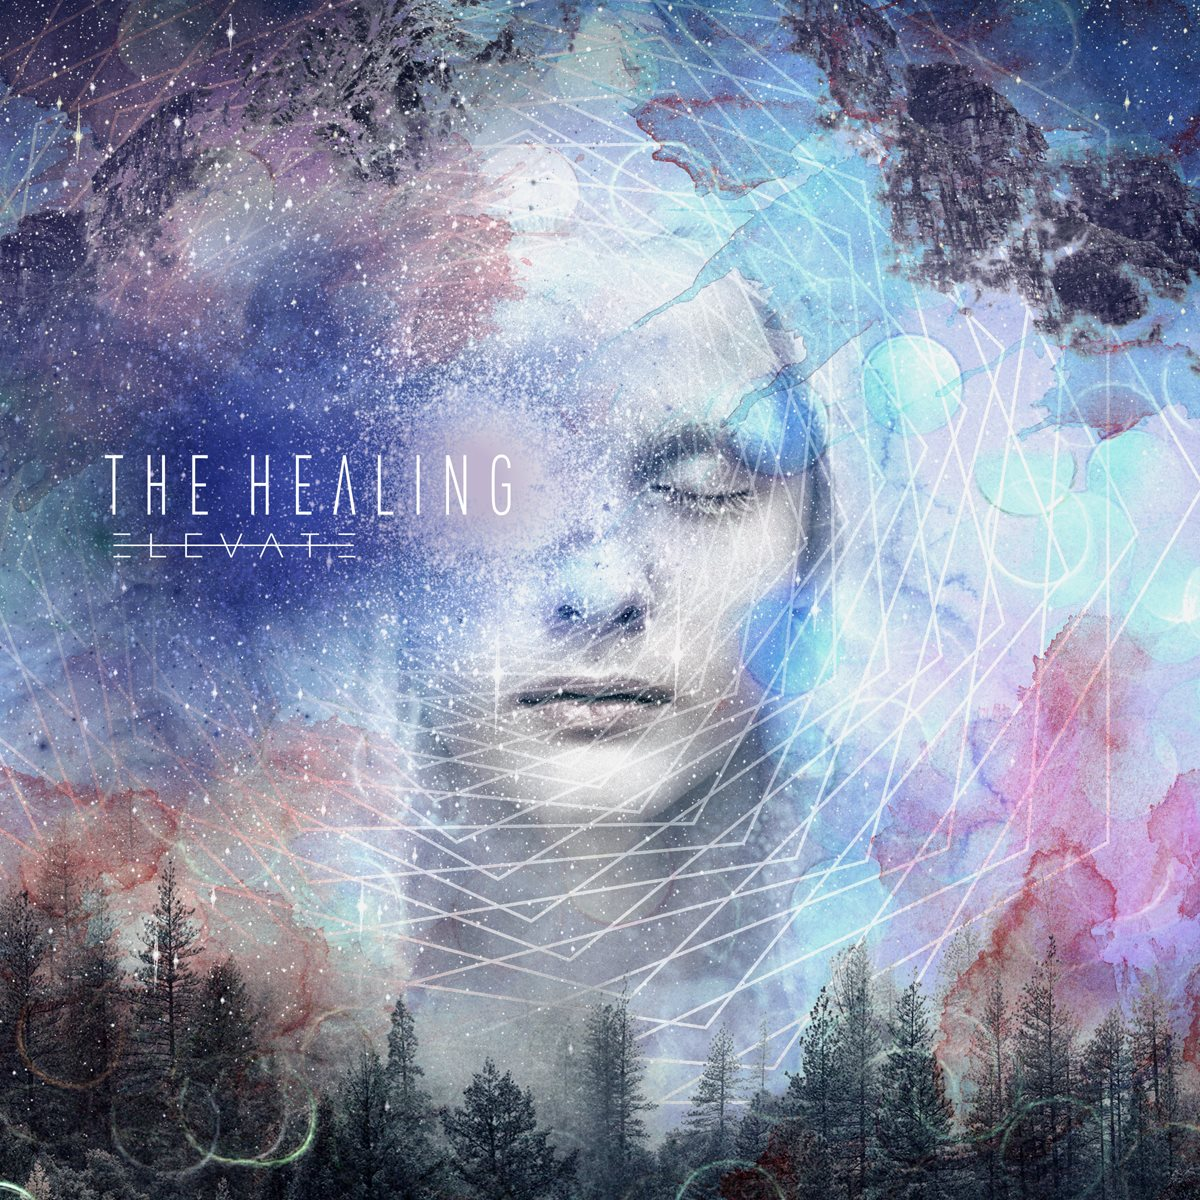 The Healing - First Light [Single] (2016)